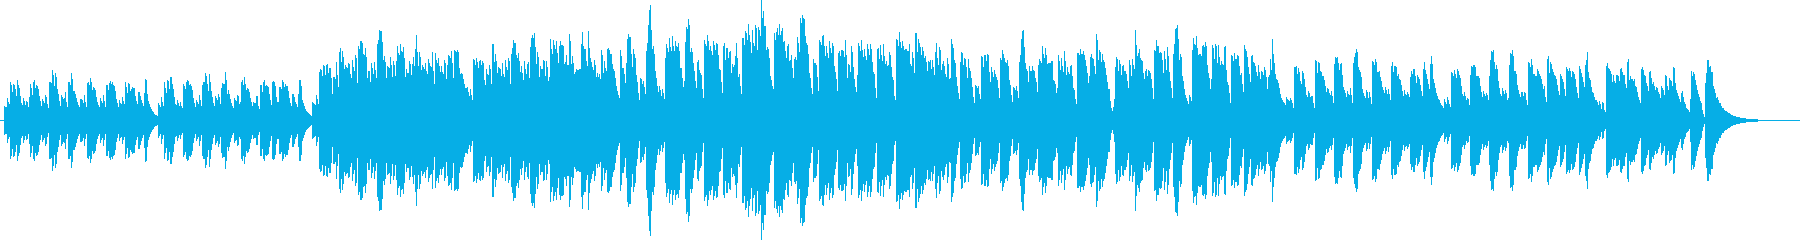 眠る赤ちゃんをイメージした可愛らしい曲の再生済みの波形